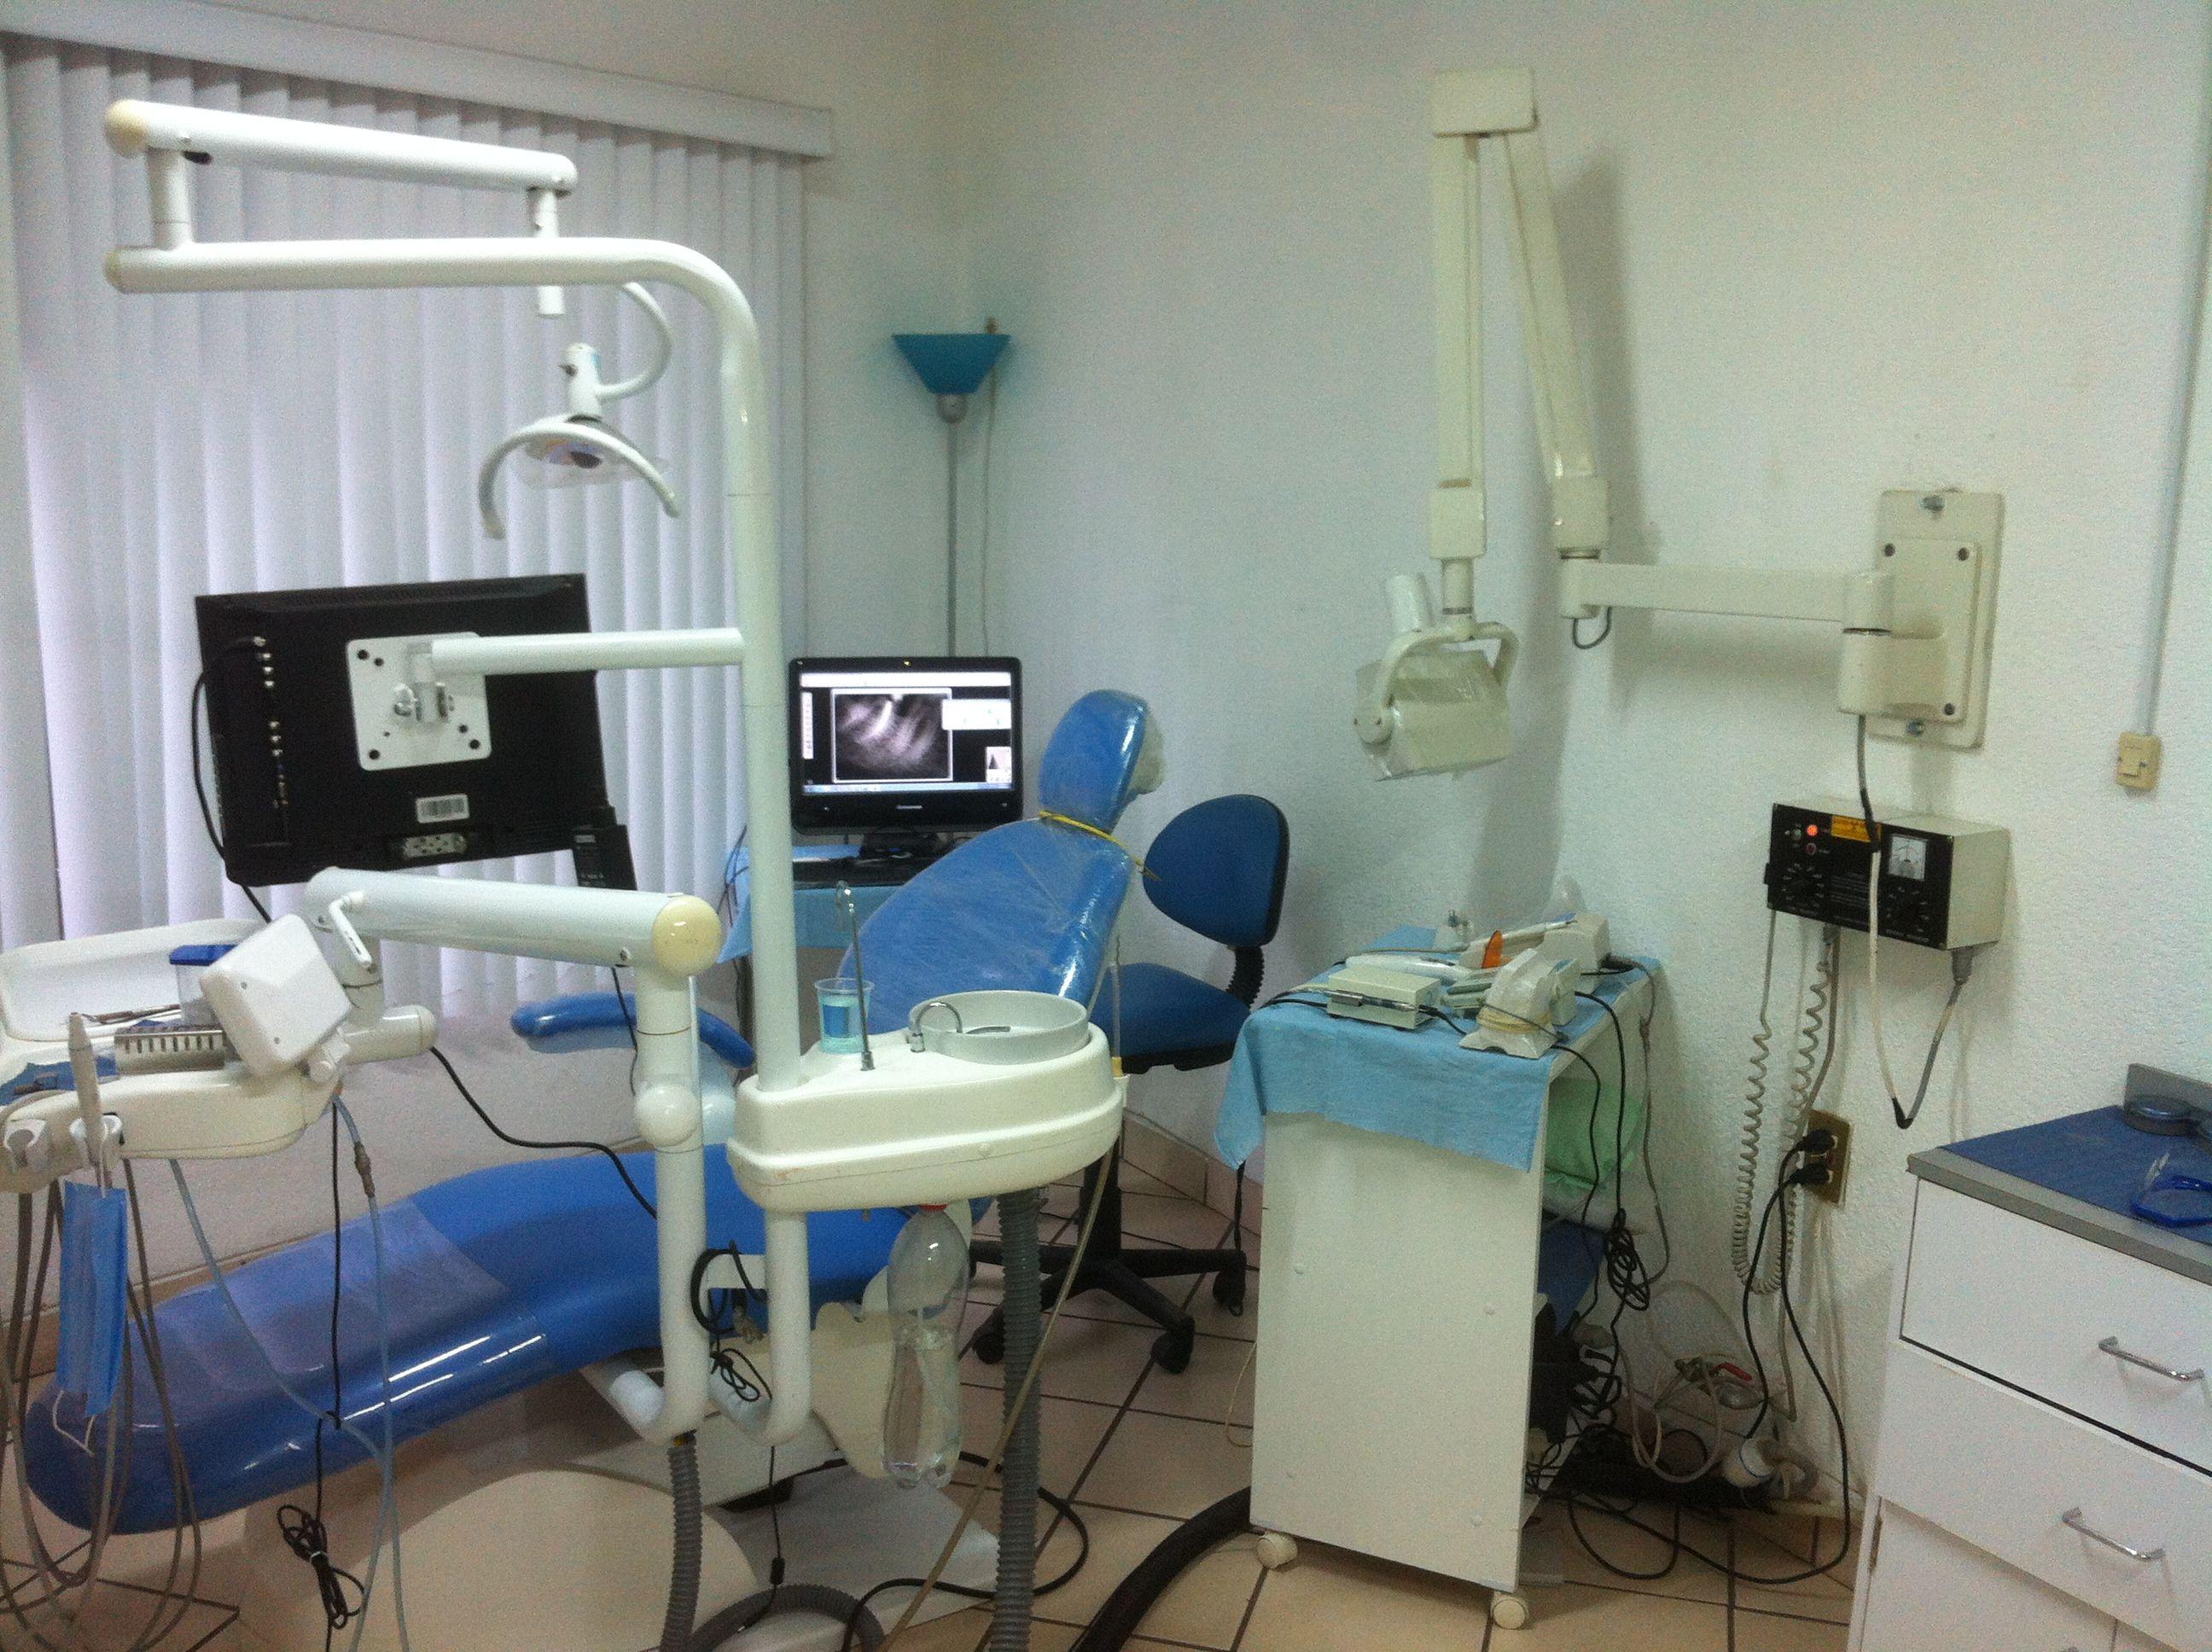 RS Endodontics & Dental Implant Center